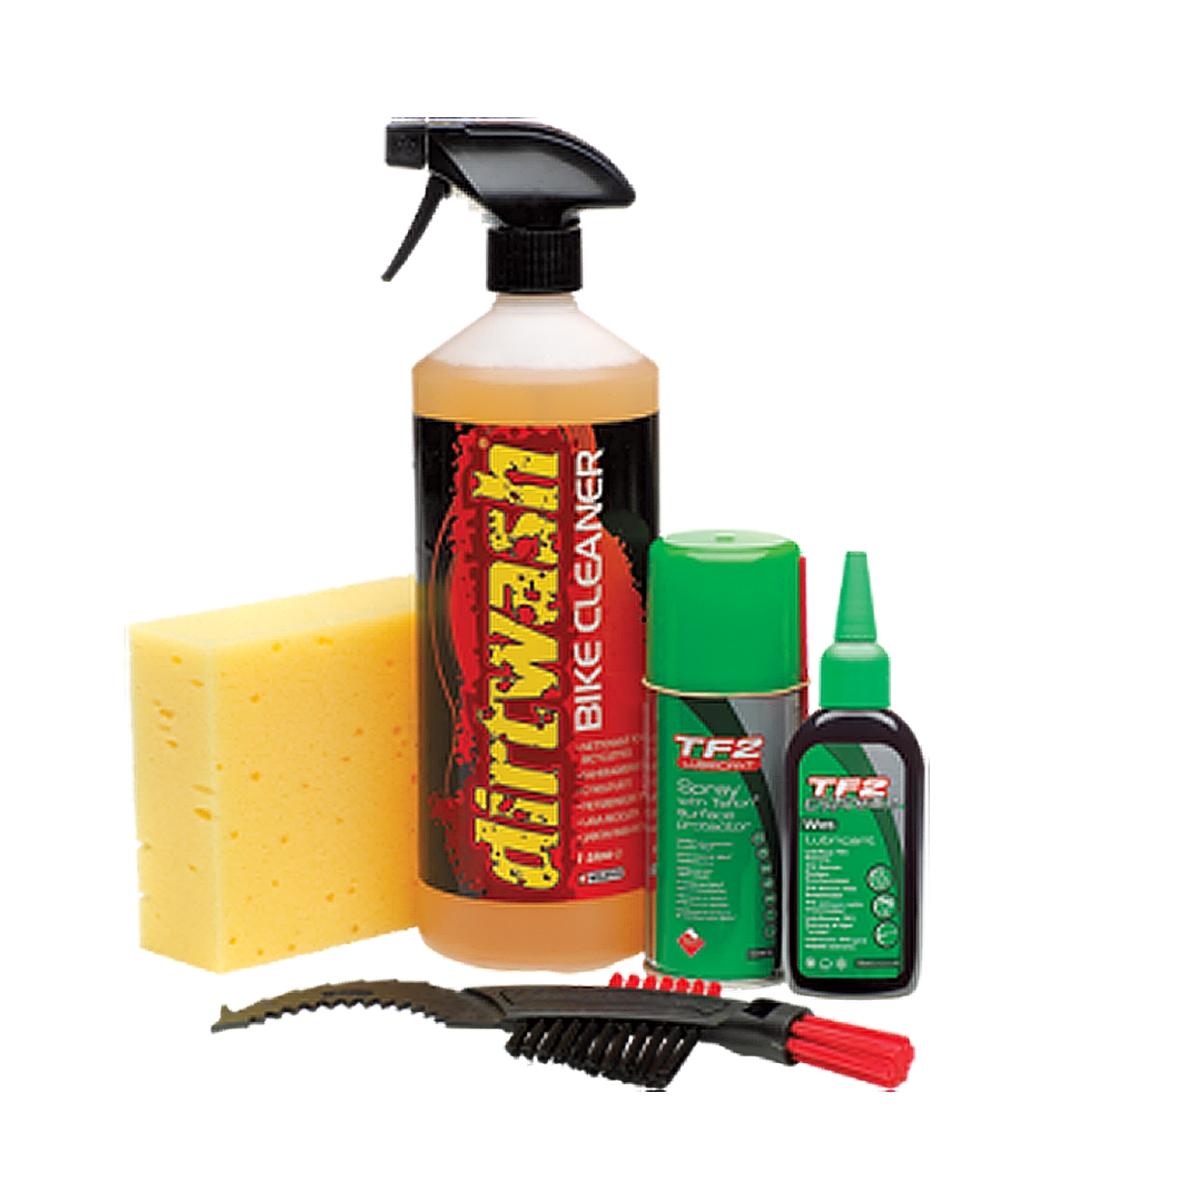 Kit de nettoyage Weldtite Conditions humides / Brosse / Lubrifiant / Nettoyant